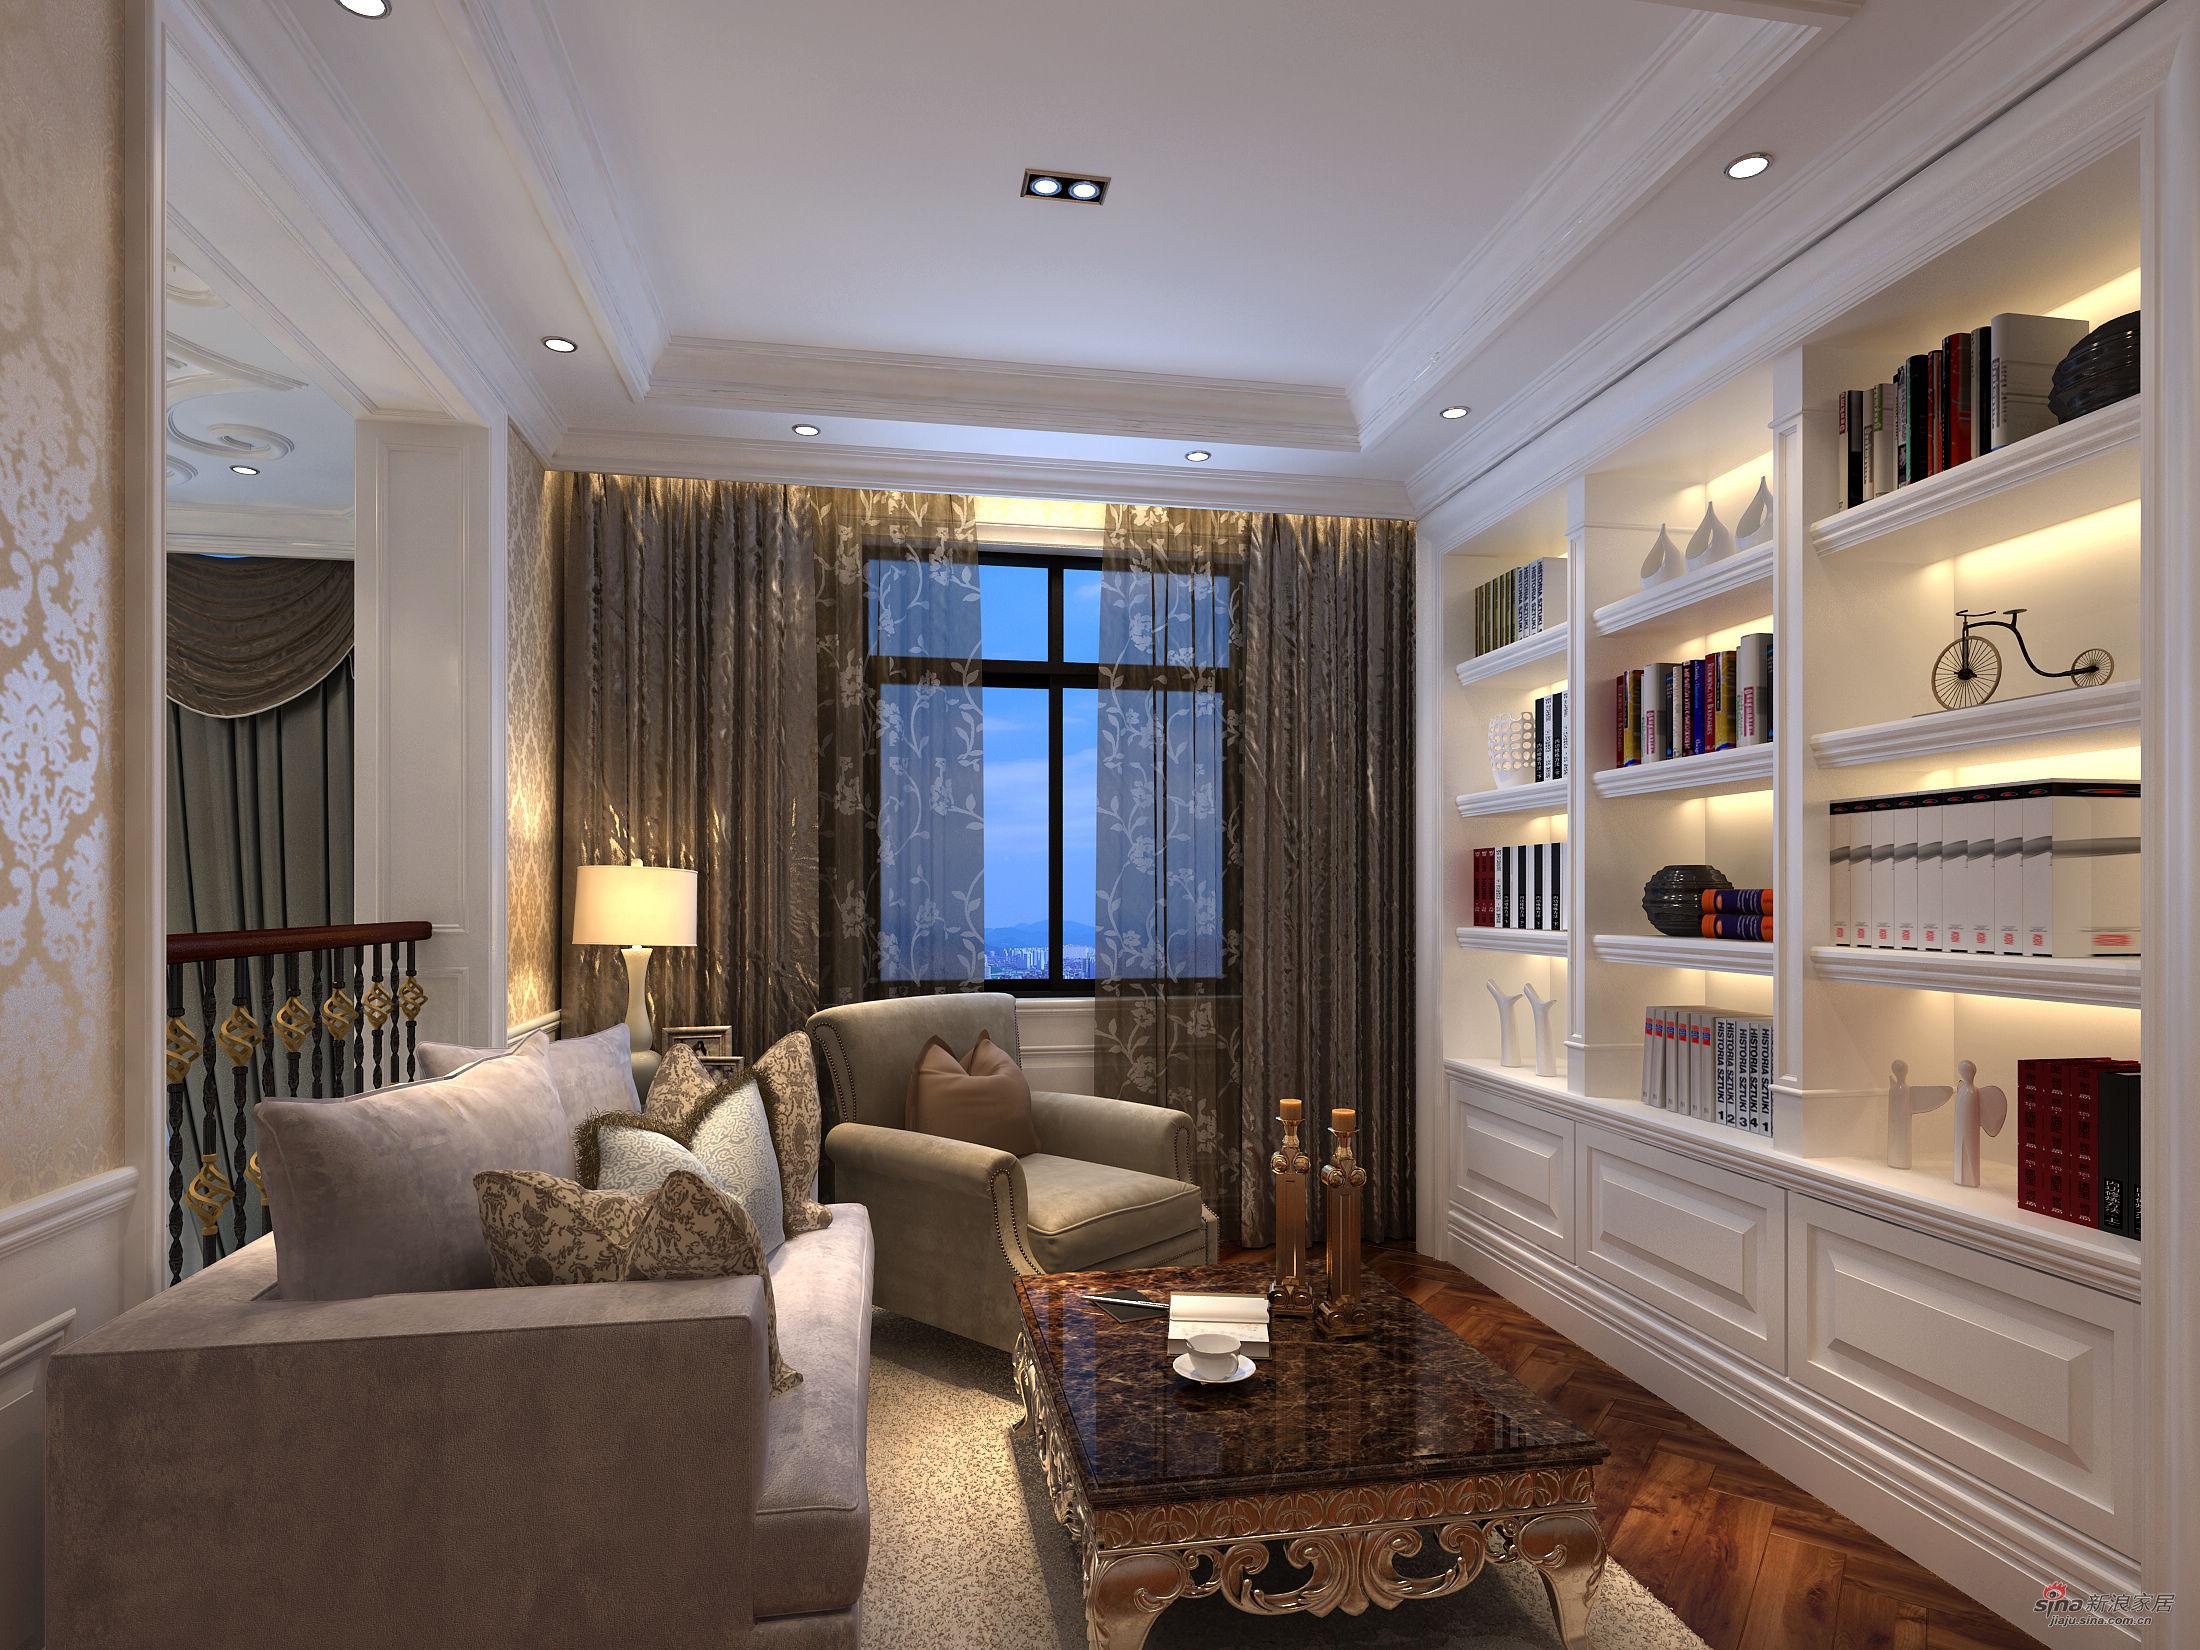 新古典 别墅 书房图片来自用户1907701233在提香.草堂大别墅新古典典范43的分享